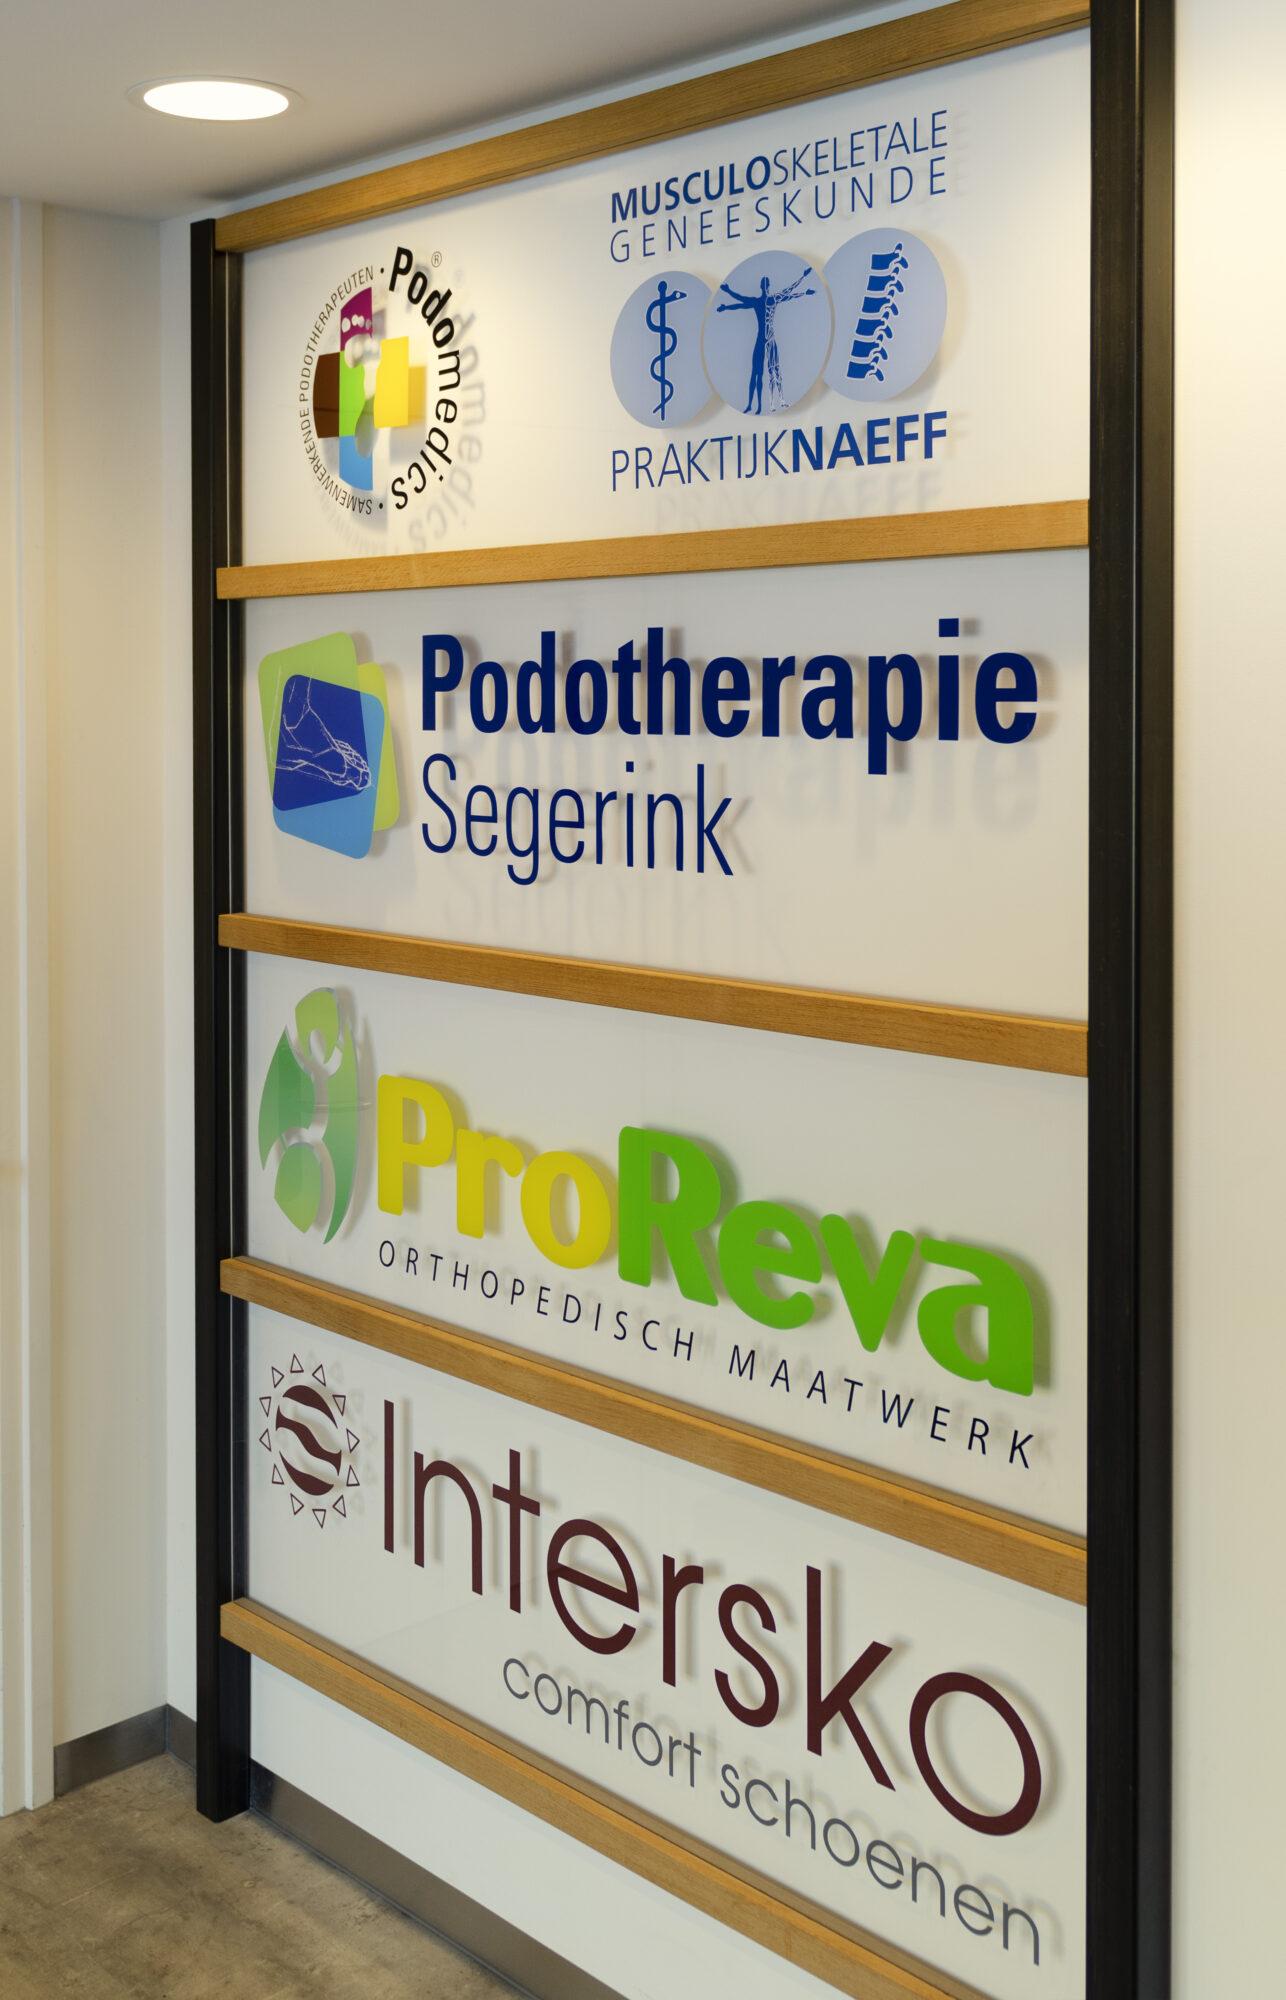 Podotherapie Segerink breidt gratis spreekuren uit